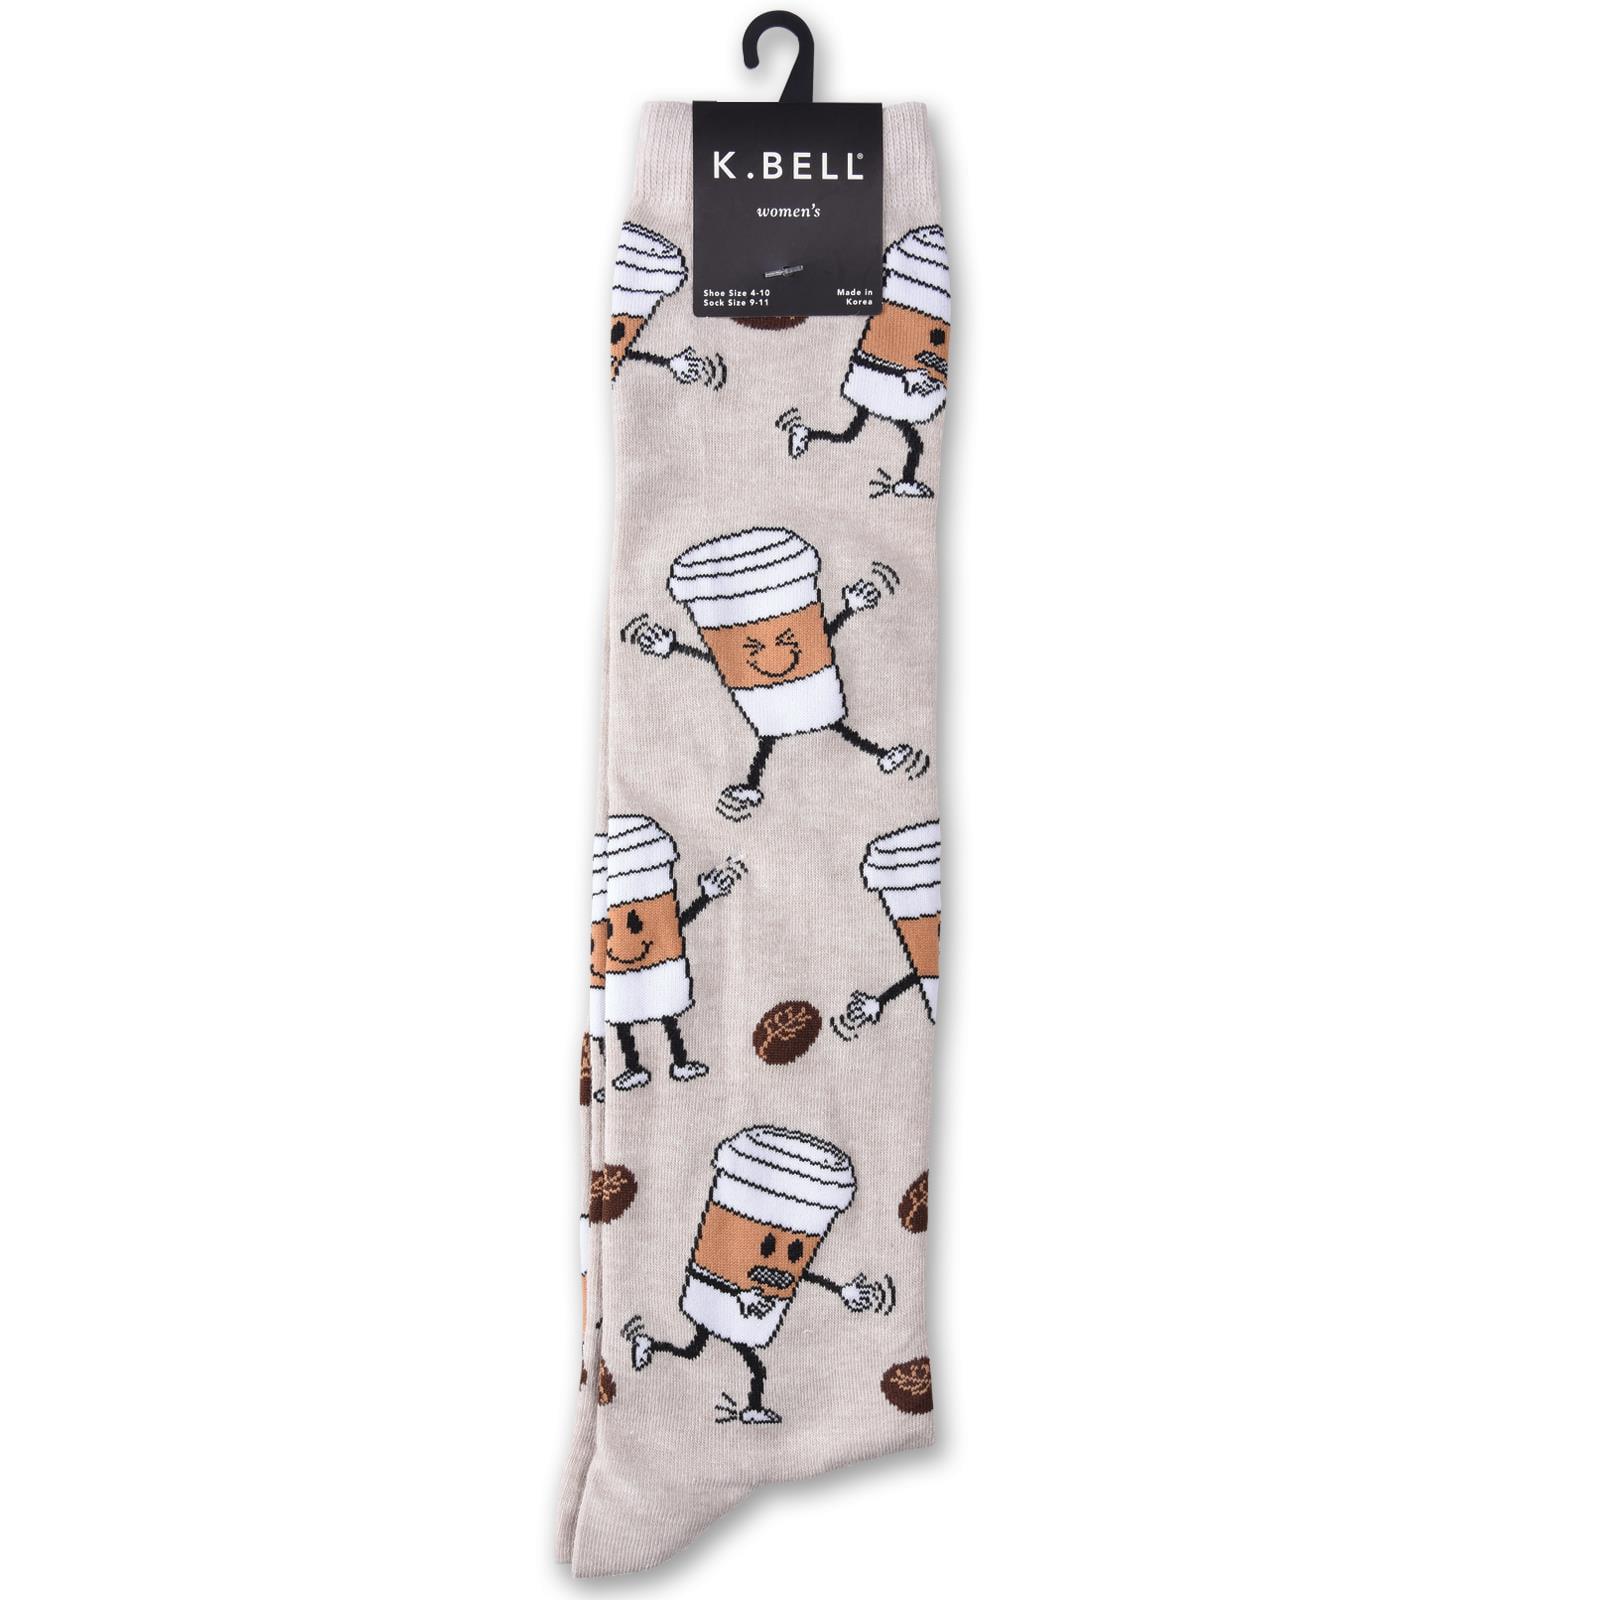 Sock Size Bell Socks Women/'s HEDGEHOG FRIENDS Knee High Socks 9-11 K